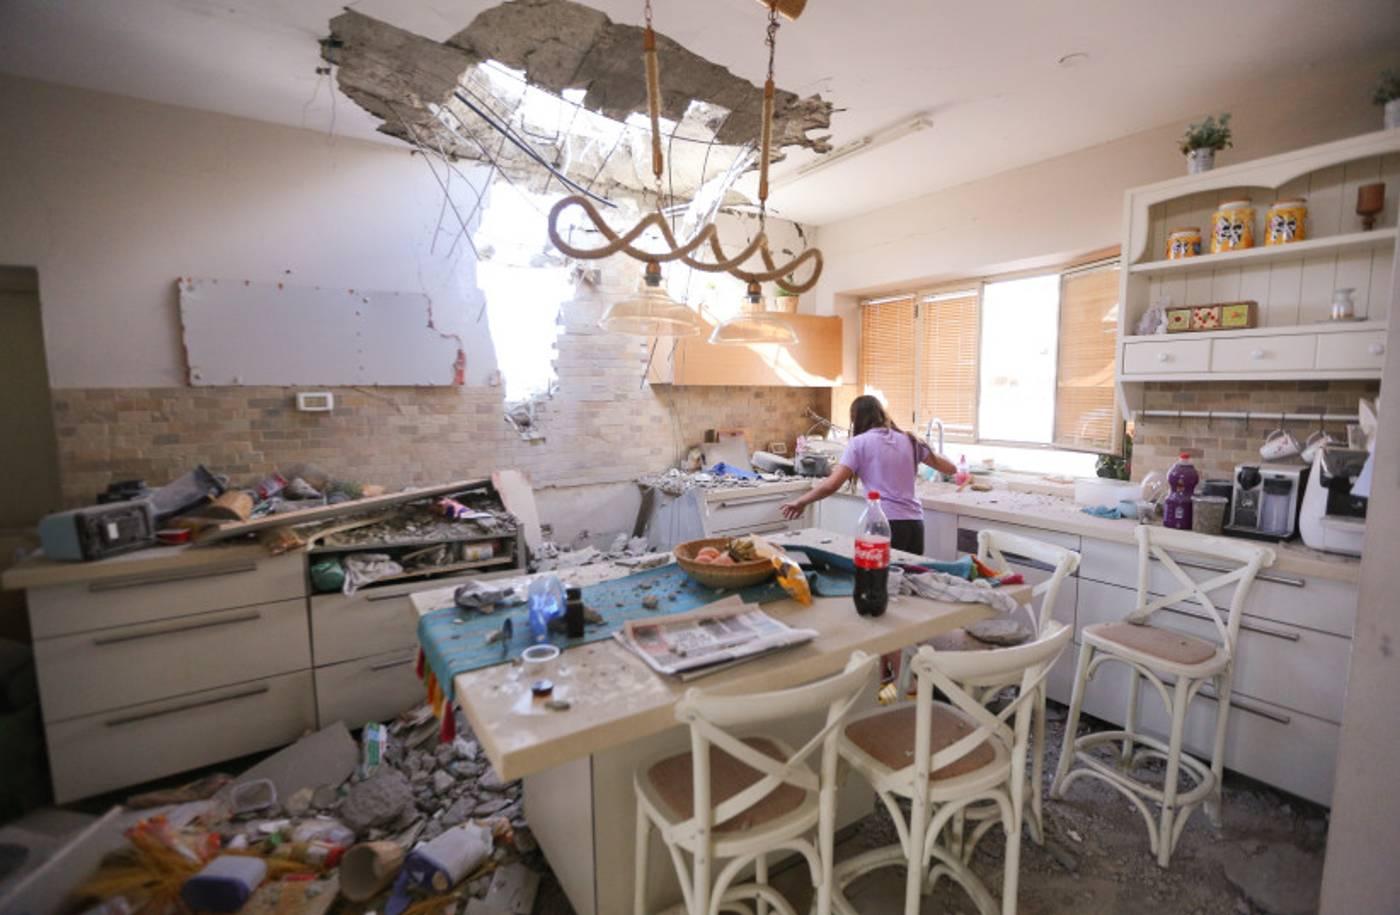 Sinagoga y casas dañadas por cohetes de Hamás sobre Ashdod y Ashkelon